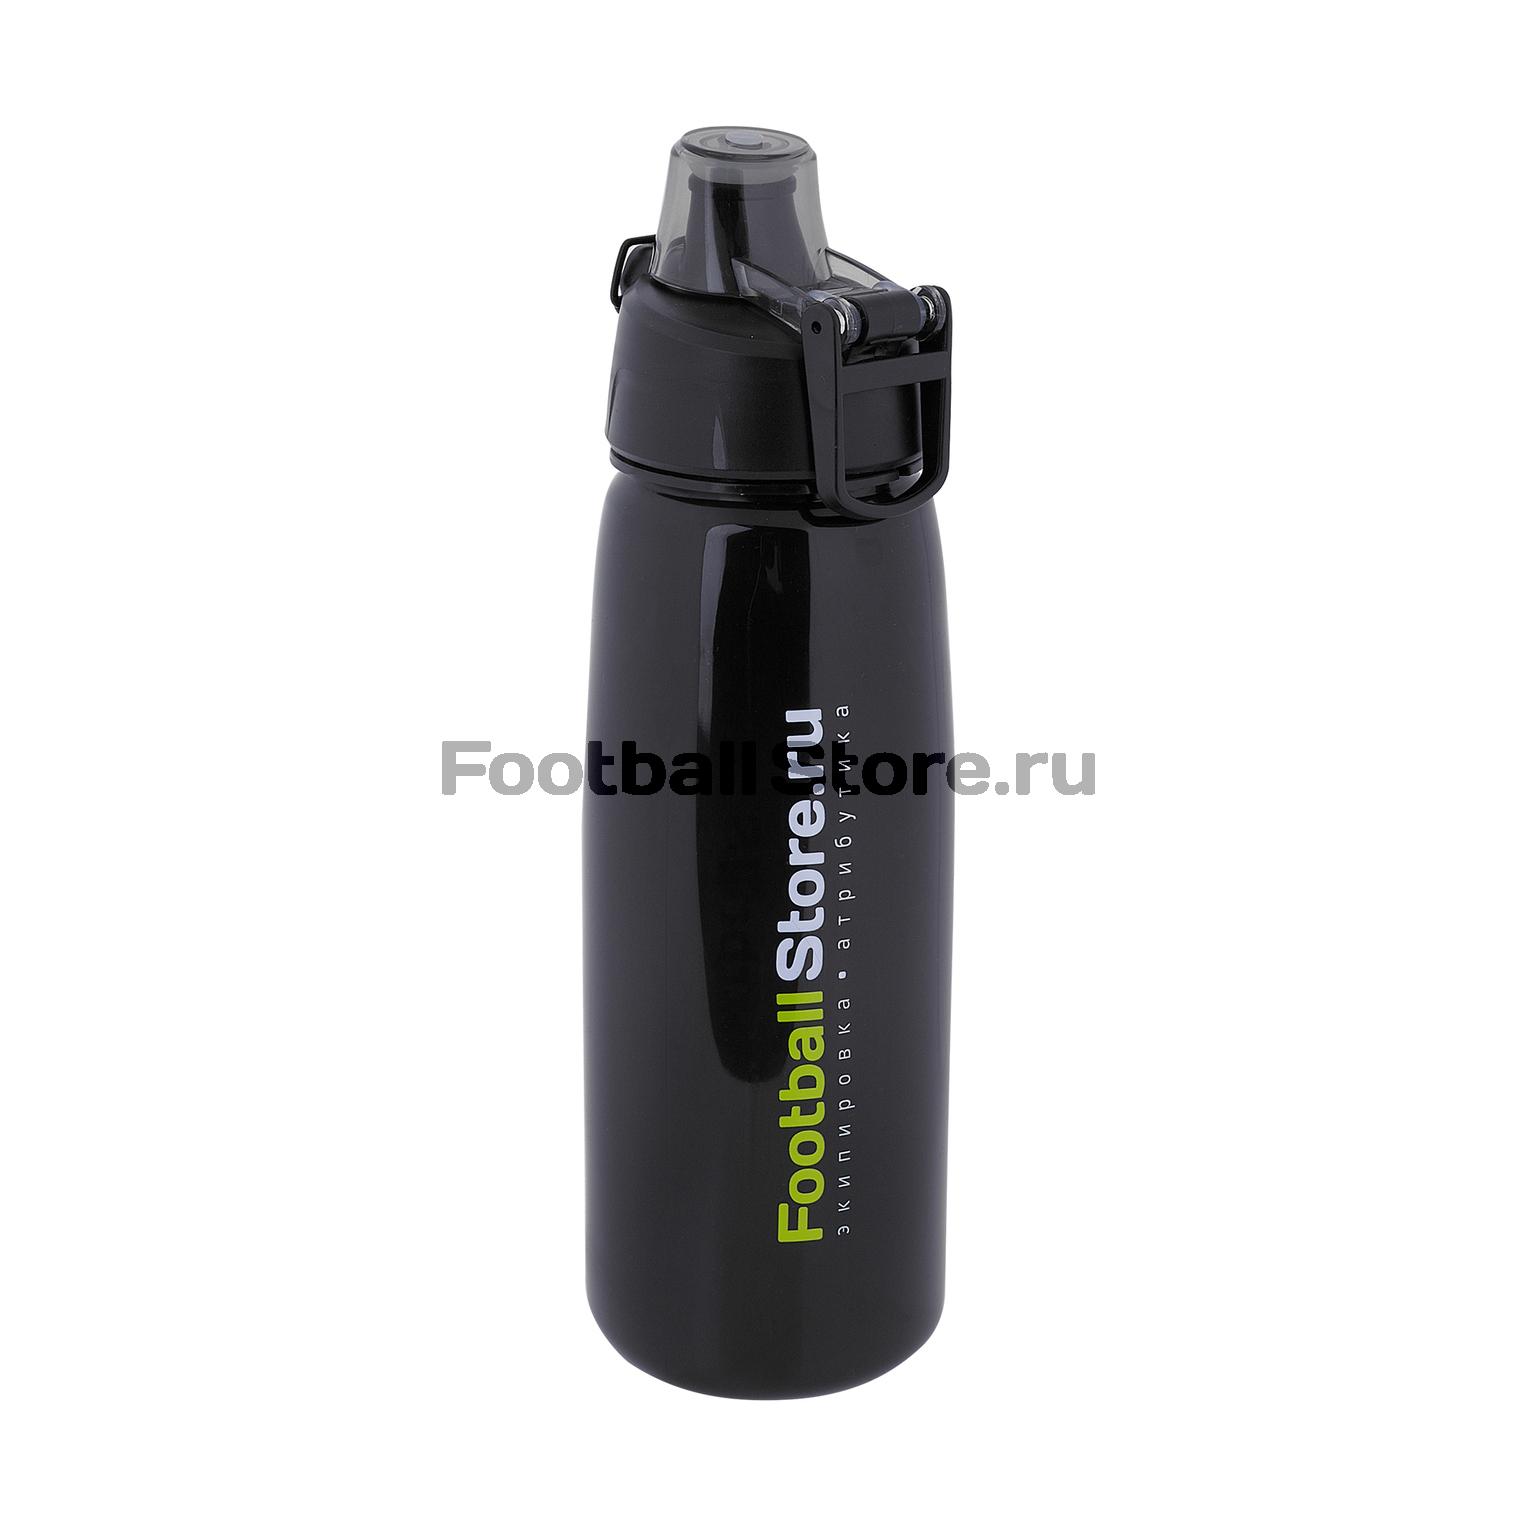 Бутылка для воды Footballstore N0000FS